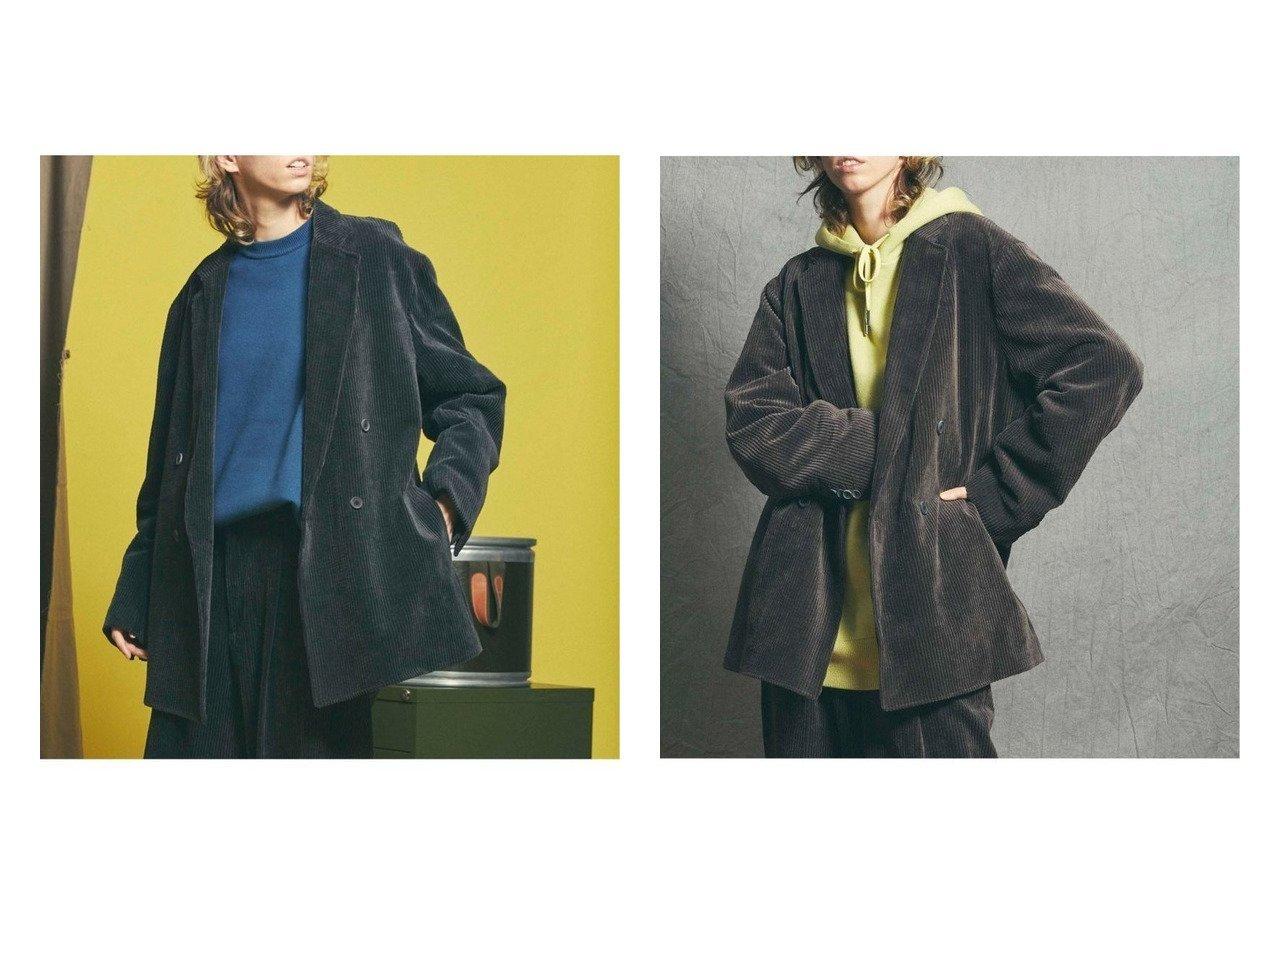 【MAISON SPECIAL/メゾンスペシャル】のTAKEMIコーデュロイオーバーサイズダブルテーラードジャケット アウターのおすすめ!人気、レディースファッションの通販 おすすめで人気のファッション通販商品 インテリア・家具・キッズファッション・メンズファッション・レディースファッション・服の通販 founy(ファニー) https://founy.com/ ファッション Fashion レディース WOMEN アウター Coat Outerwear コート Coats ジャケット Jackets テーラードジャケット Tailored Jackets コーデュロイ ジャケット  ID:crp329100000002872